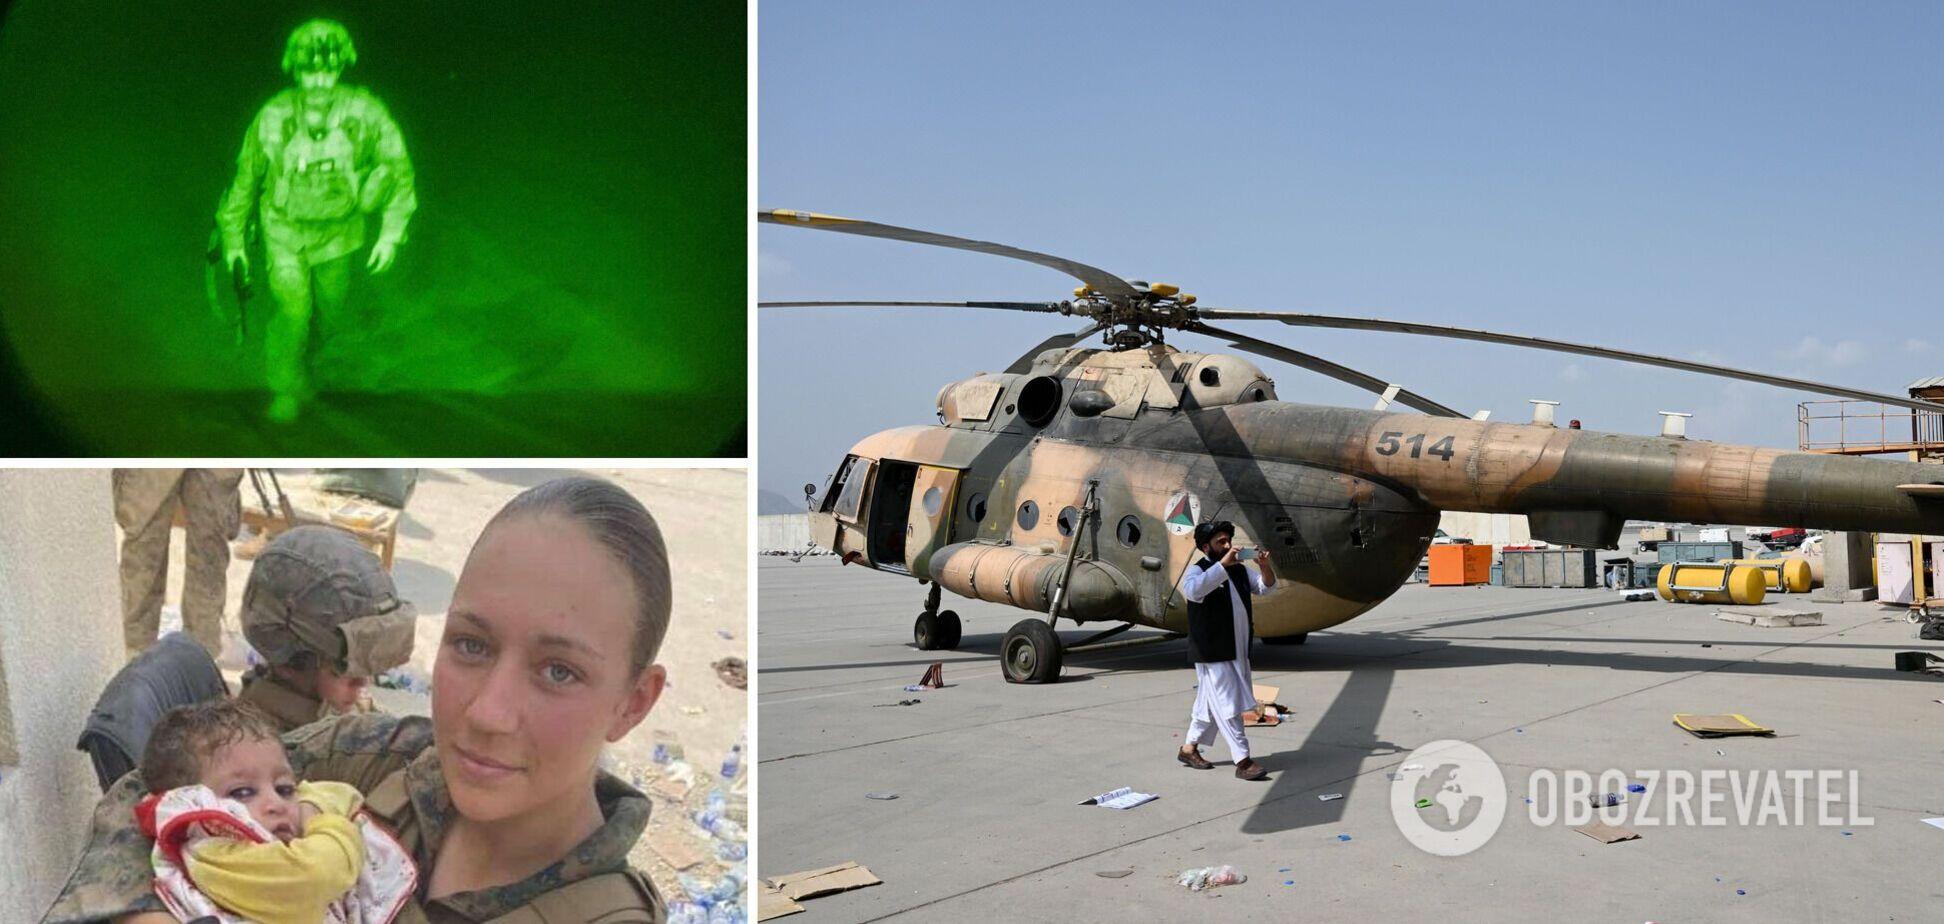 Нова сторінка в історії: США завершили 20-річну війну в Афганістані. 10 фото, які не залишать вас байдужими